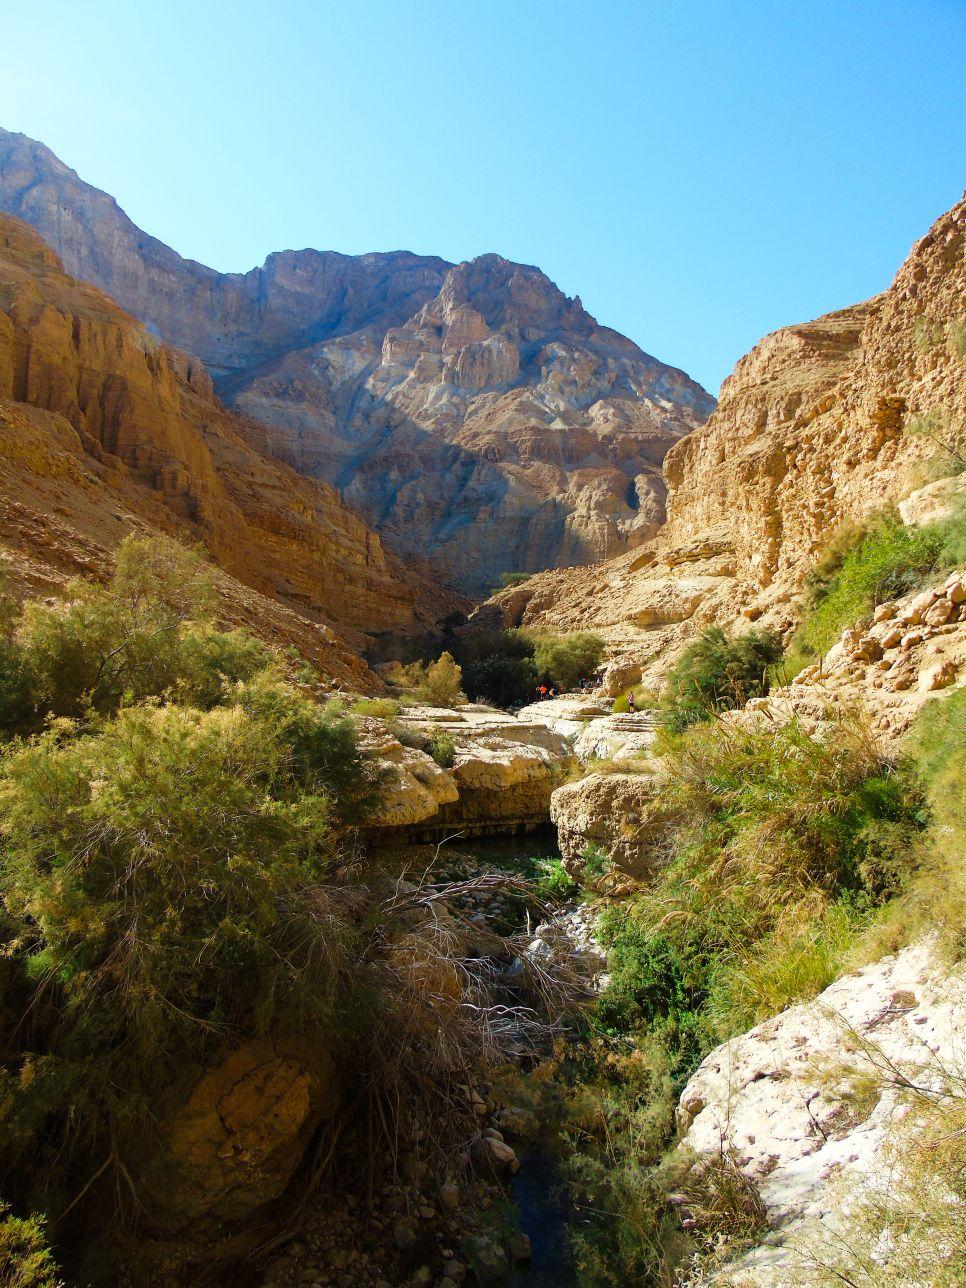 Rezerwat przyrody Ein Gedi to atrakcja Izraela